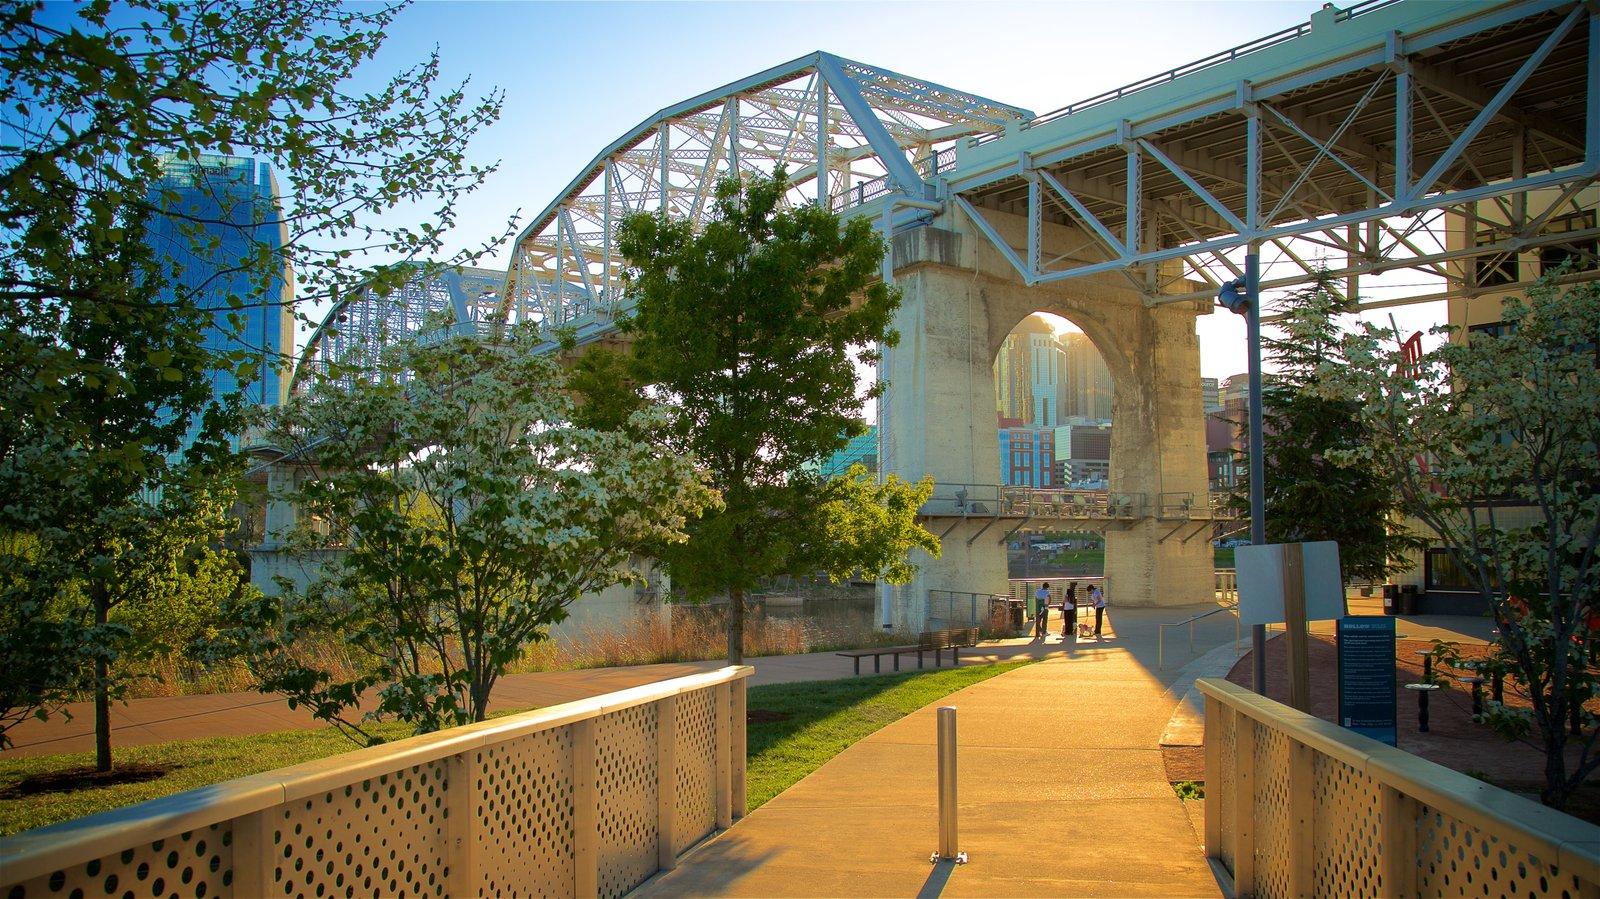 Cumberland Park ofreciendo un puente, una ciudad y una puesta de sol